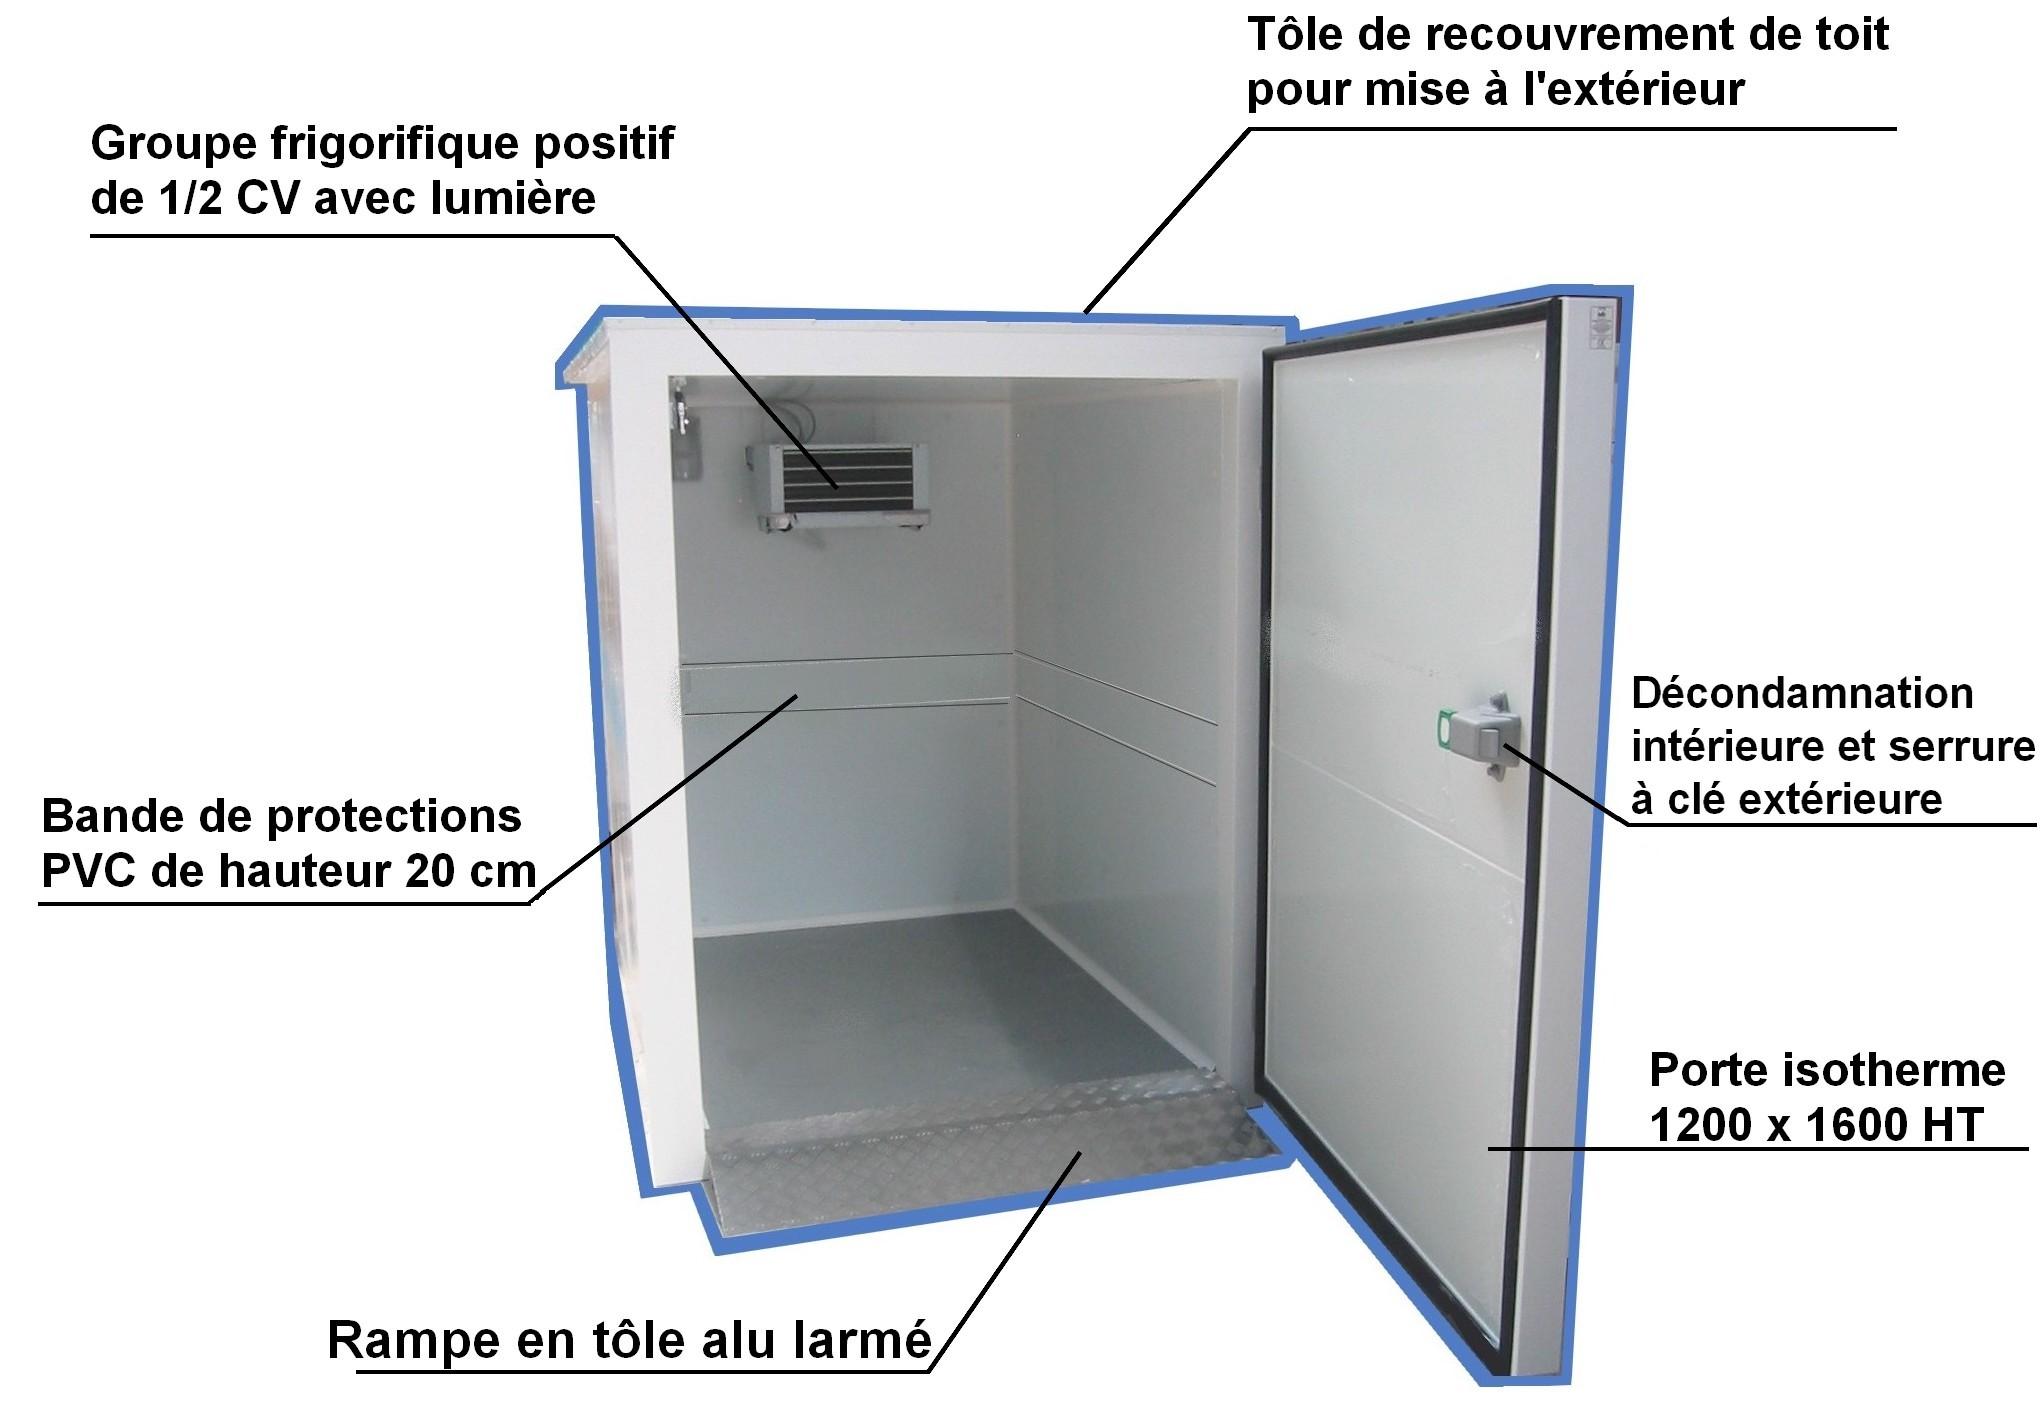 L'hygiène dans un restaurant : quels sont les équipements adaptés ?